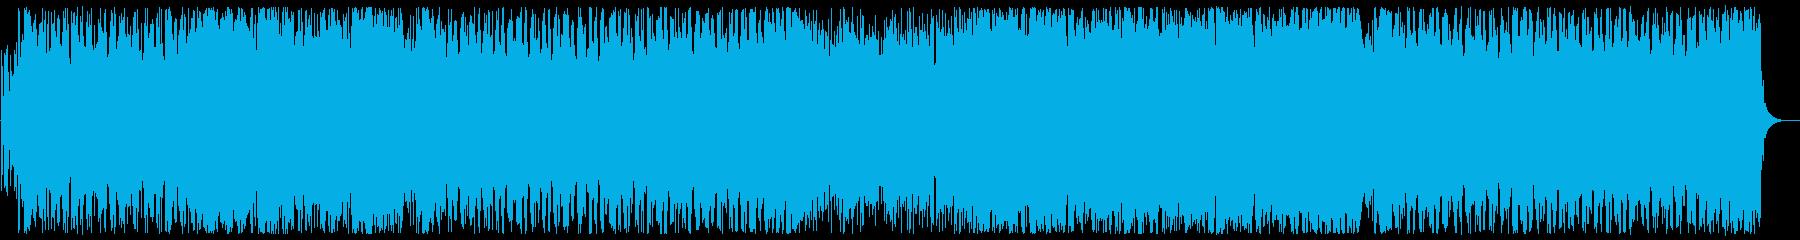 モチベーションの上がるEDM フル歌の再生済みの波形